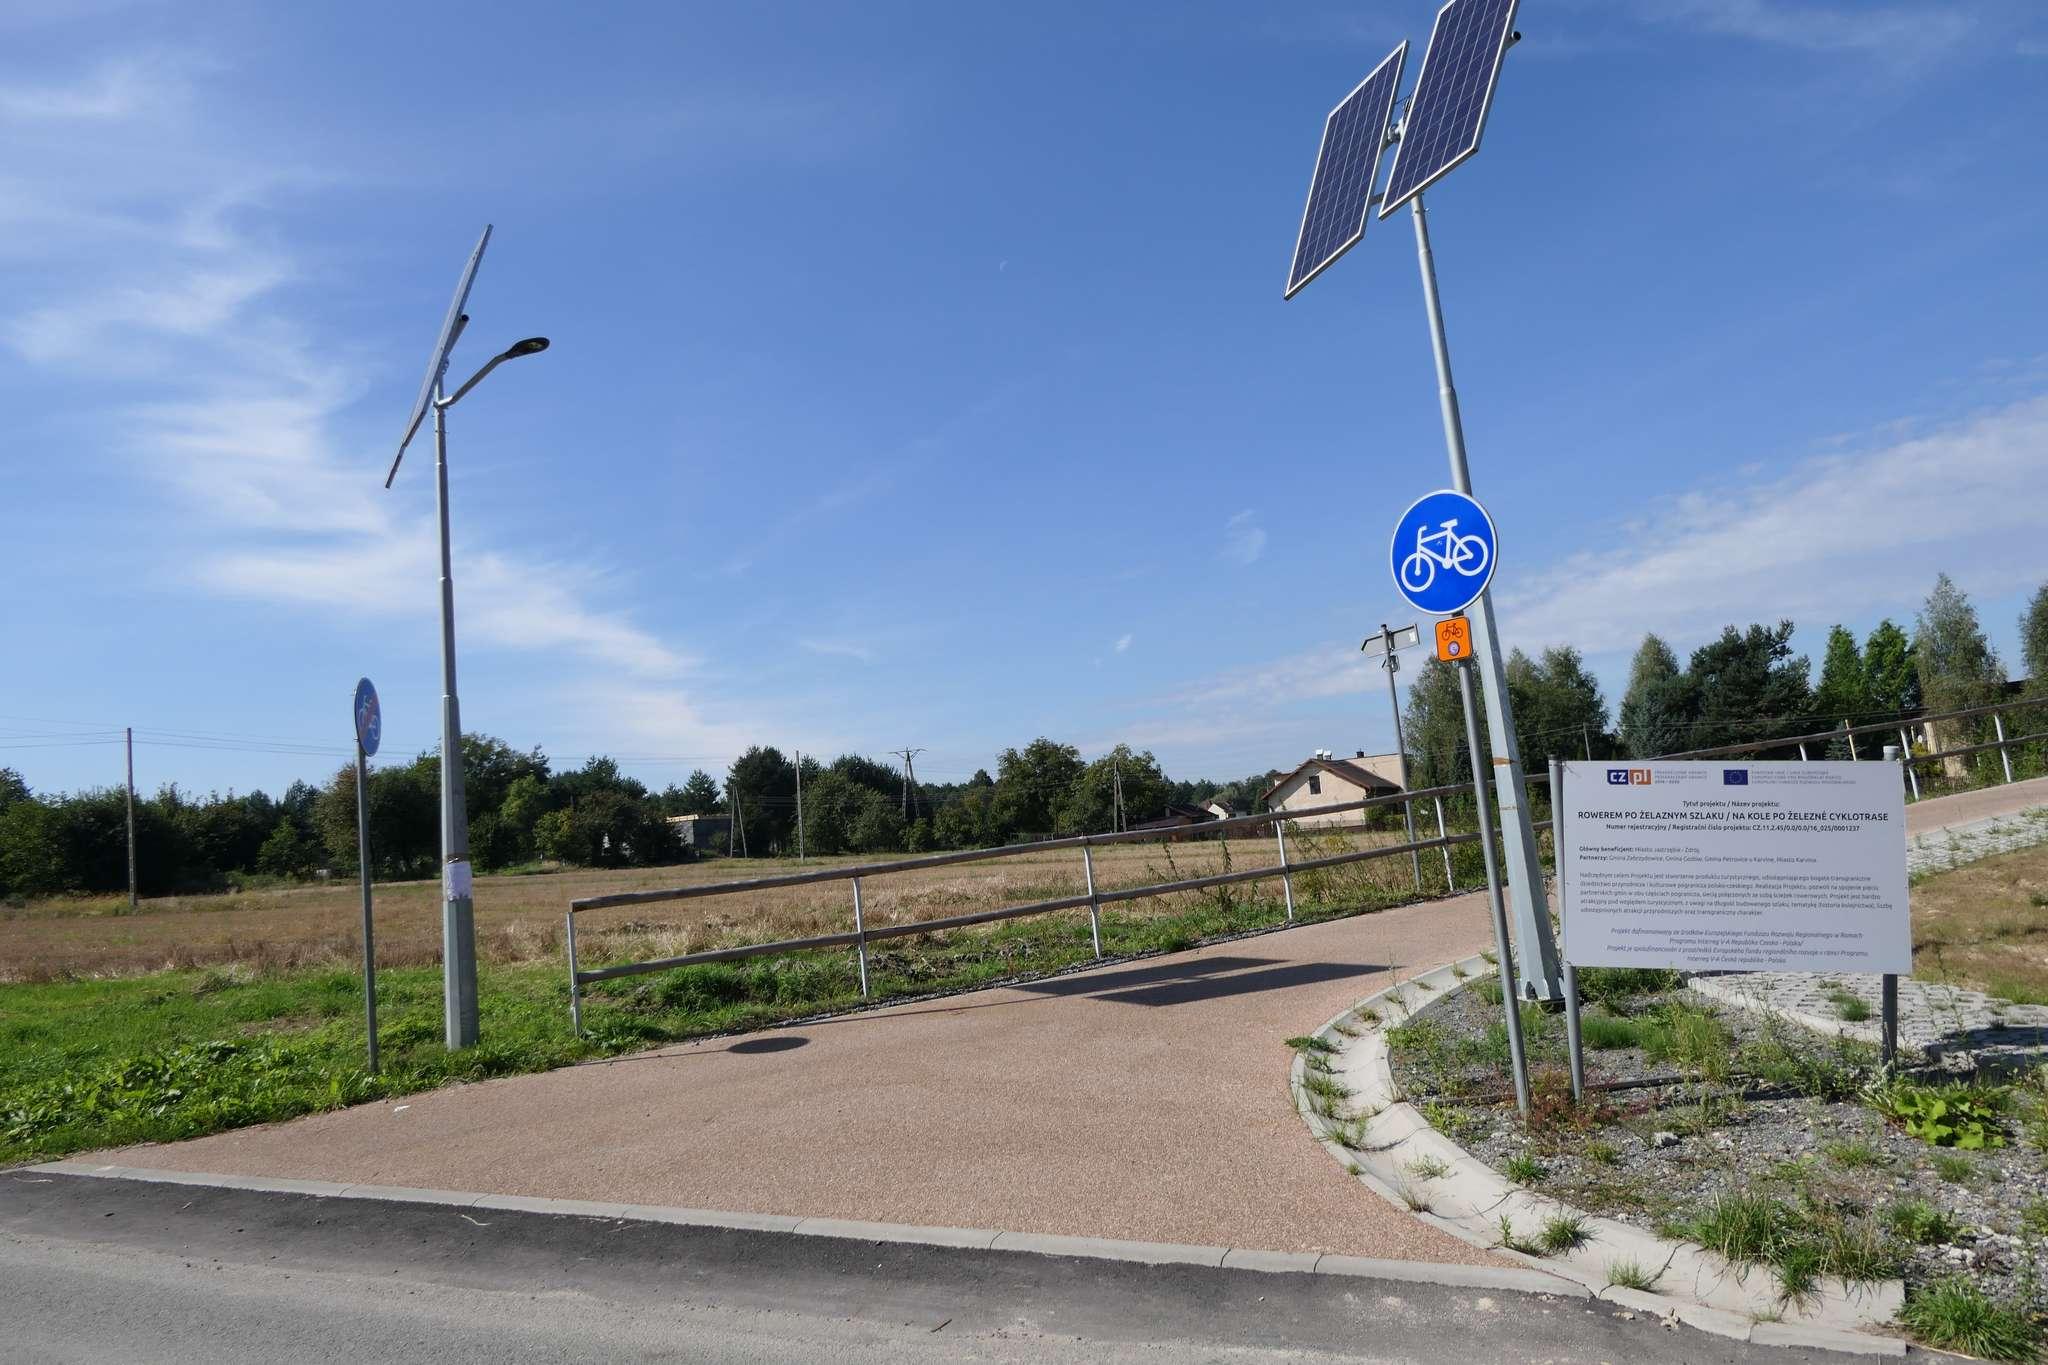 Wjazd na Żelazny Szlak w dzielnicy Skotnica w Zebrzydowicach.Niestety w pobliżu brak parkingu, na którym można by pozostawić samochód.